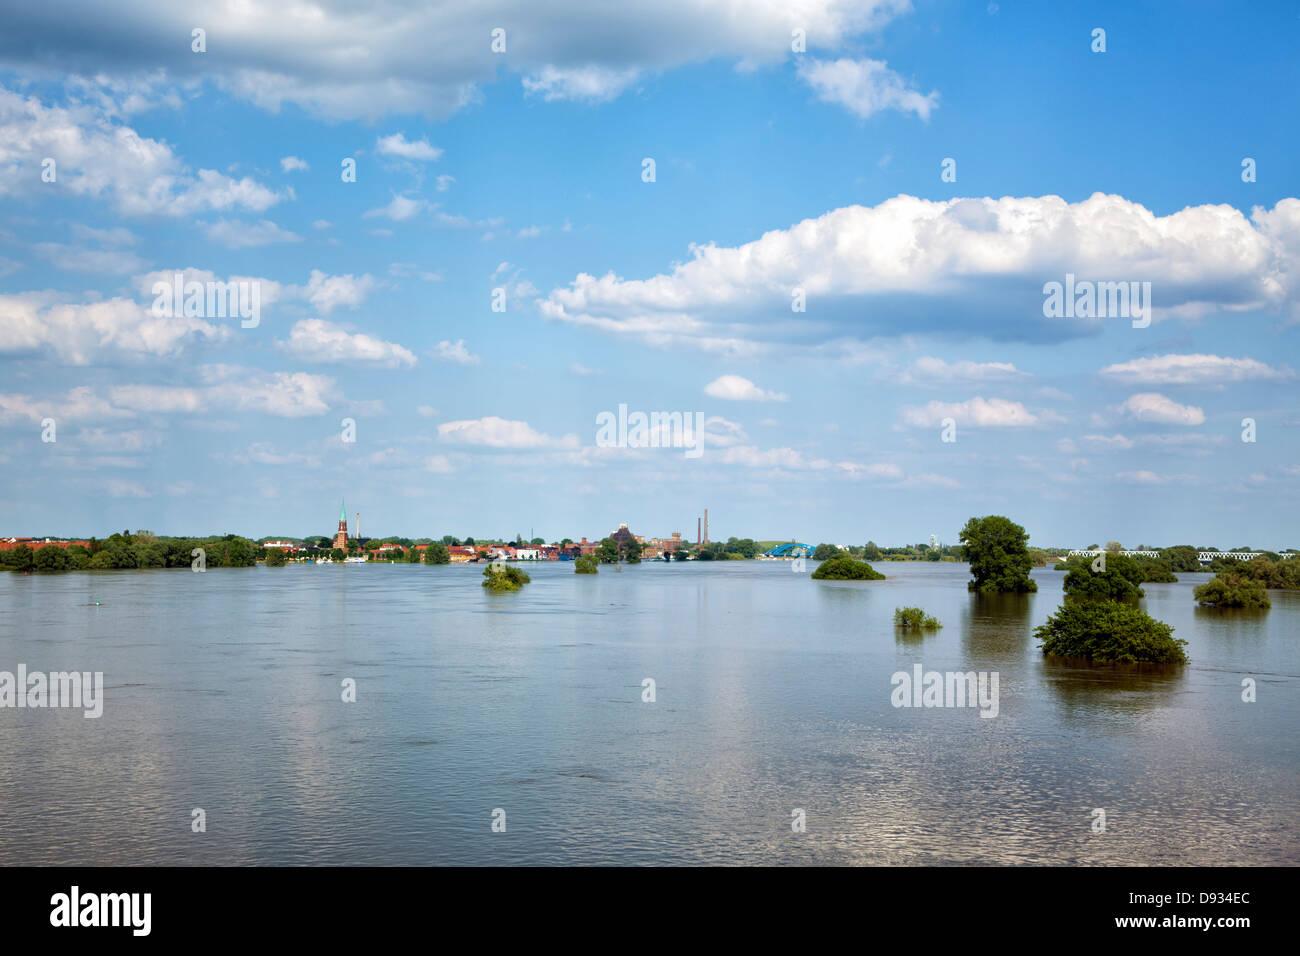 Ville de Wittenberge et de l'Elbe à marée haute 2013 Photo Stock